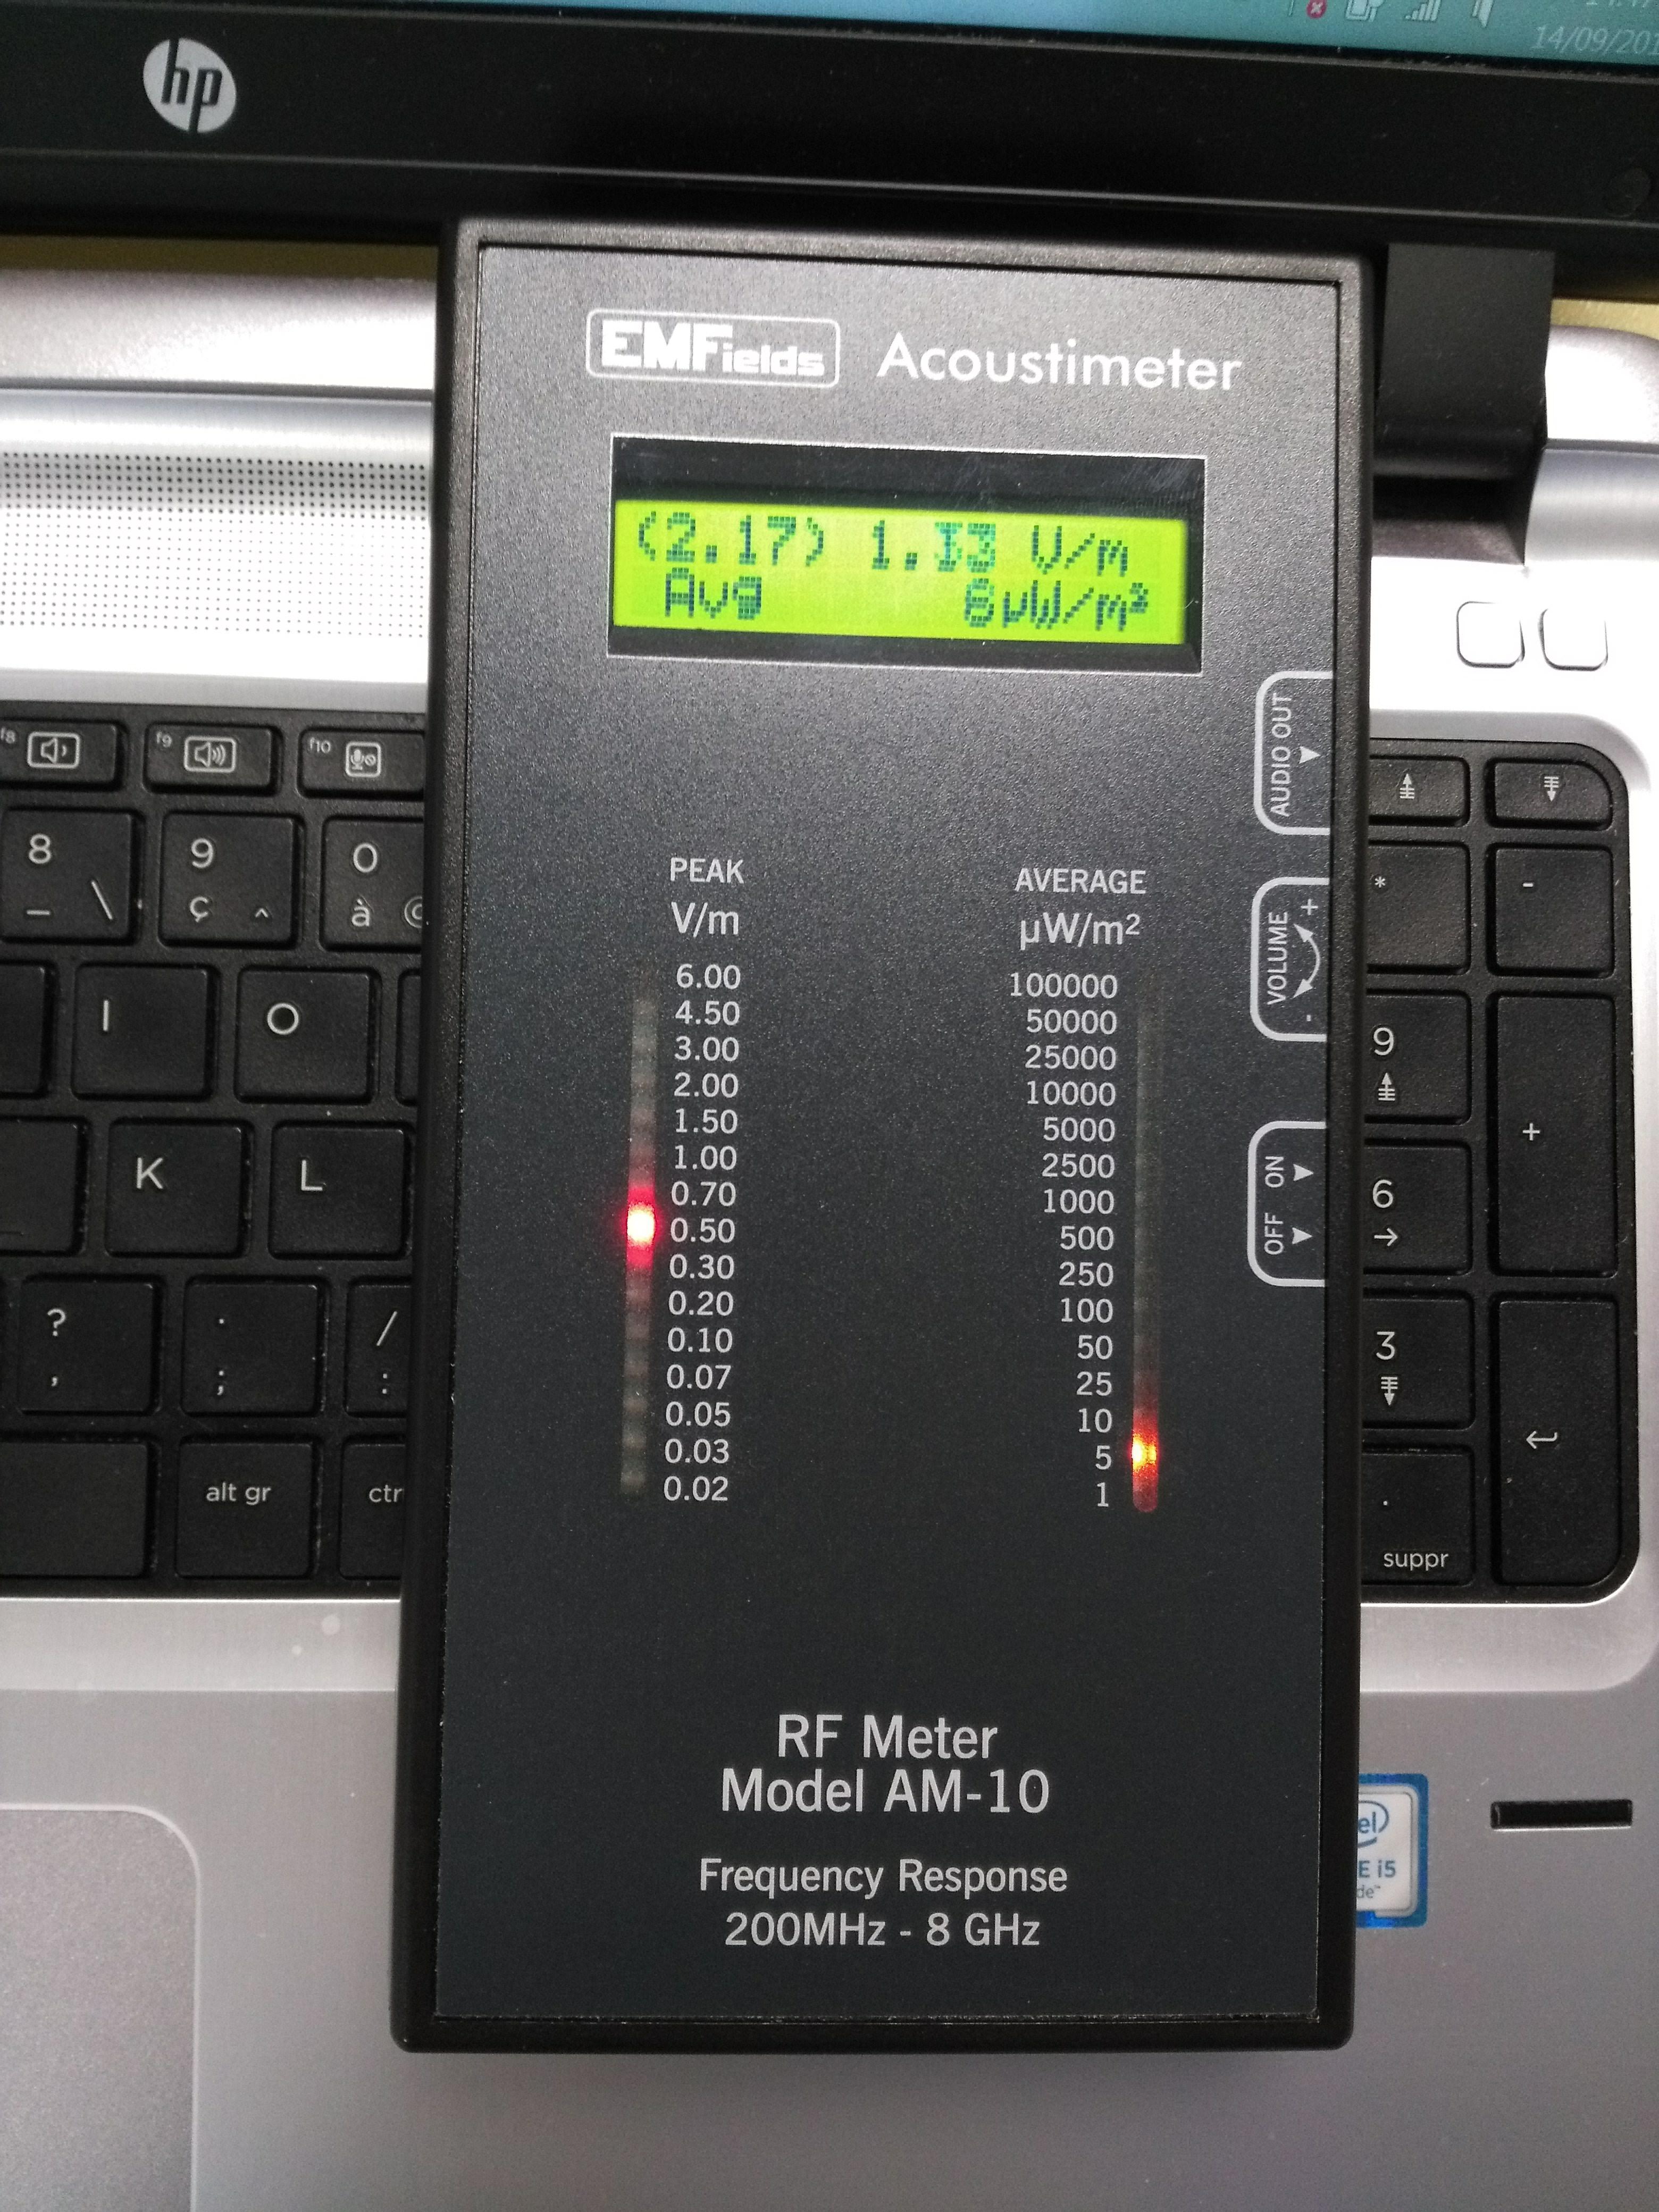 hautes fréquences wifi 2 géobiologie soigner-ma-sante.frfr